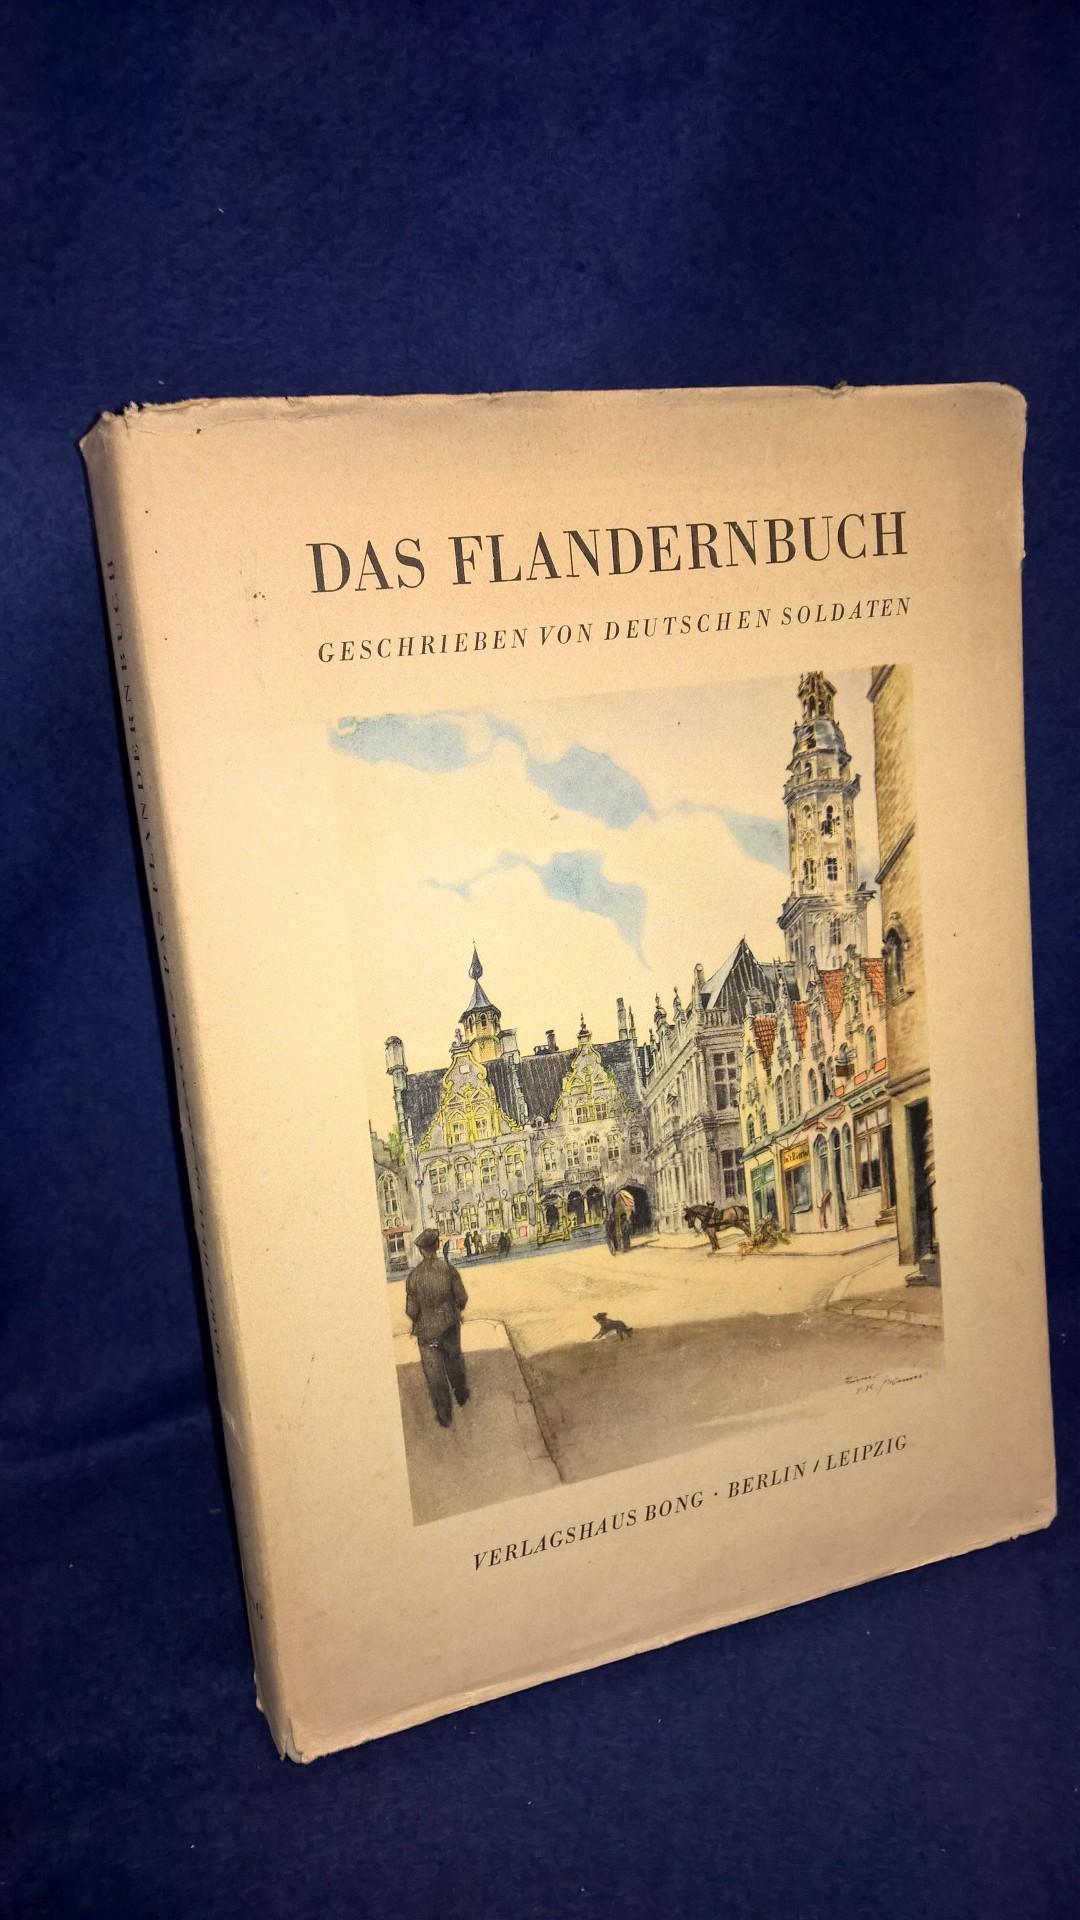 Das Flandernbuch - Geschrieben von deutschen Soldaten.